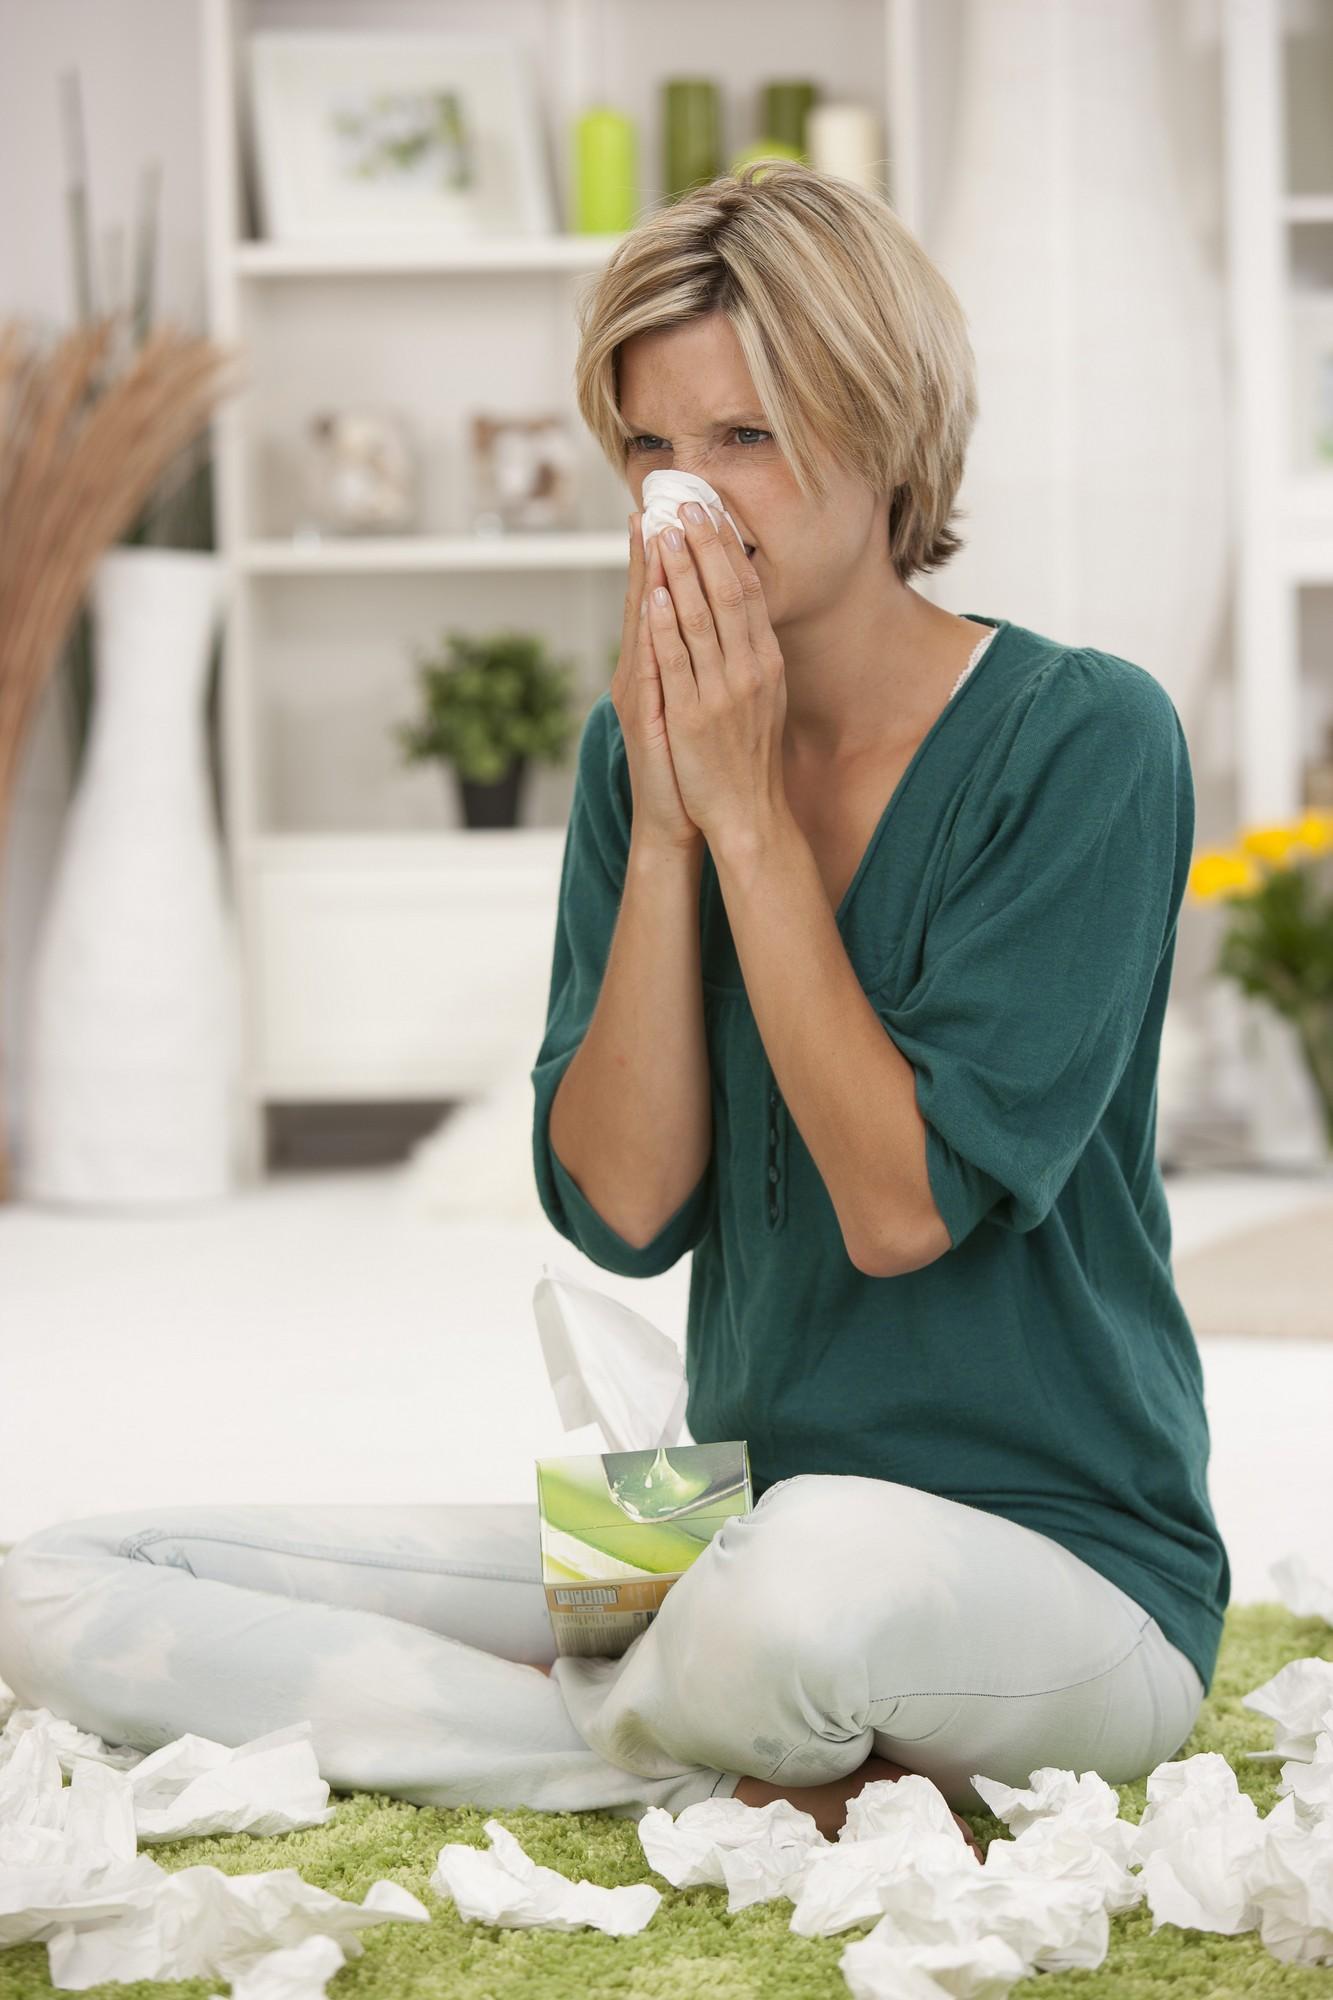 knigge niesen gesundheit